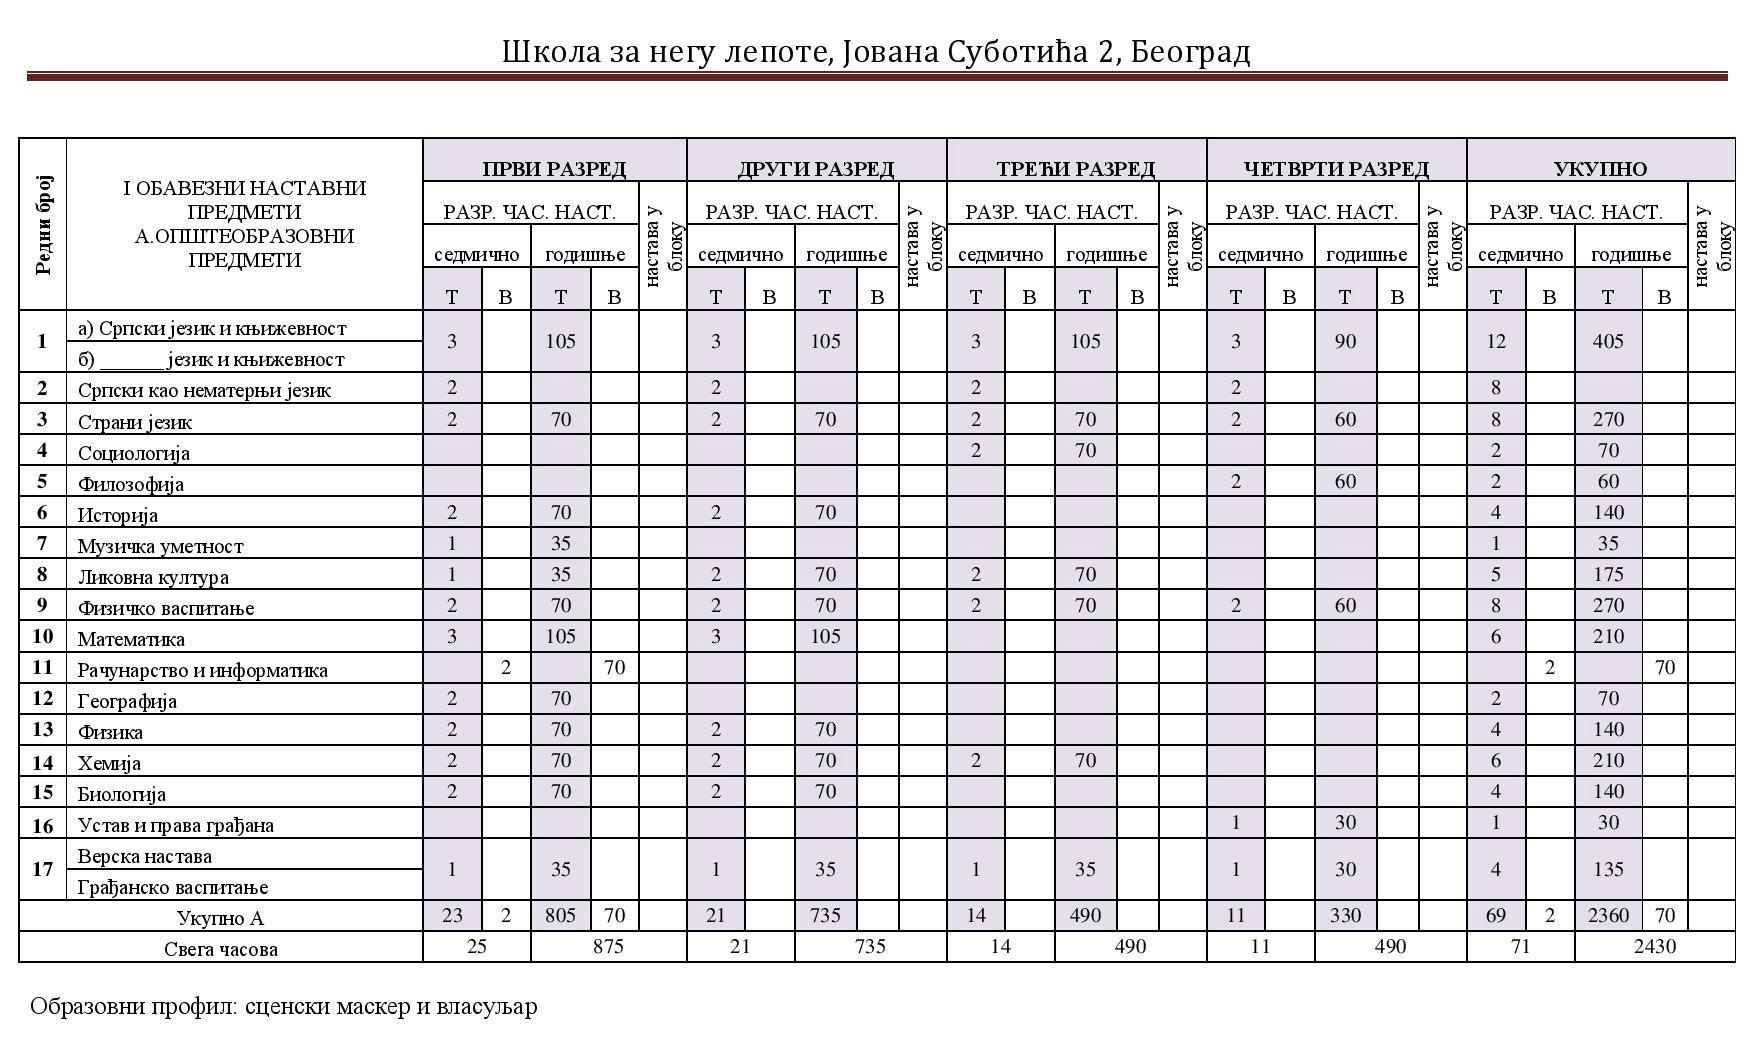 Fond casova Ivan-page-005